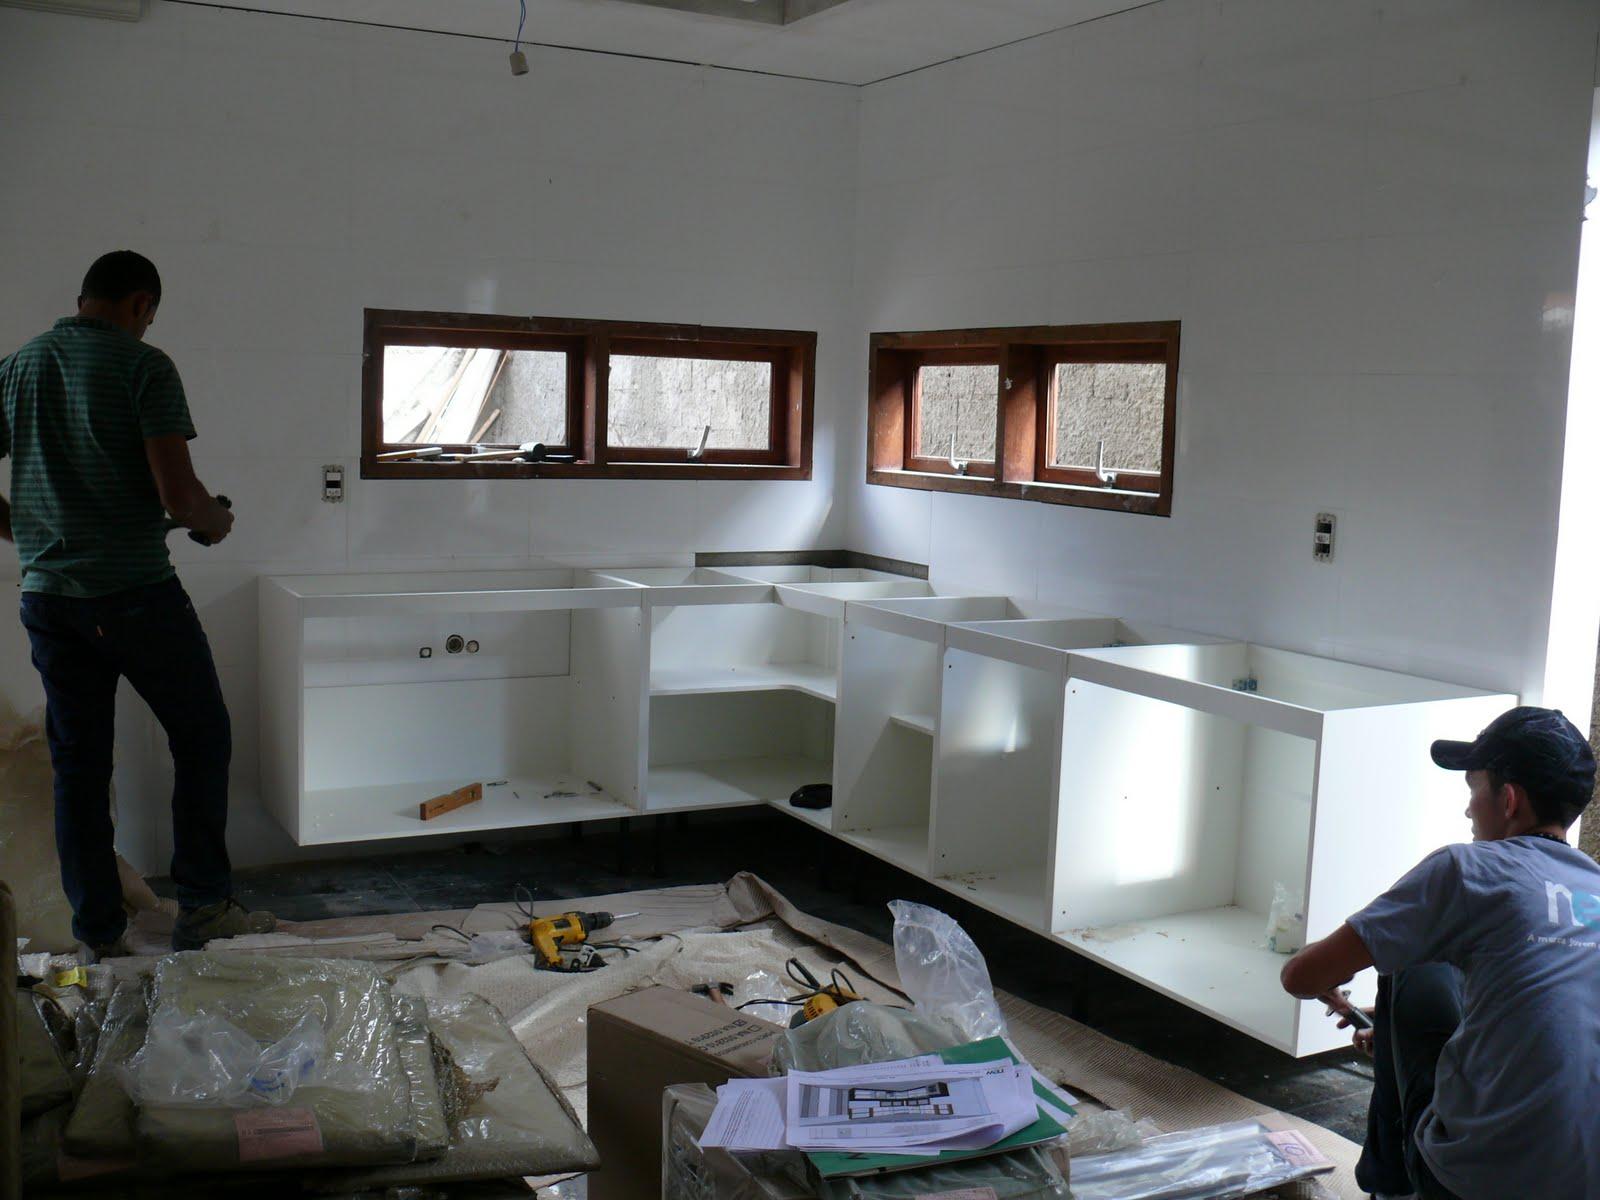 Wibampcom  Armario De Cozinha Gesso ~ Idéias do Projeto da Cozinha para a I # Armario De Cozinha Feito De Gesso